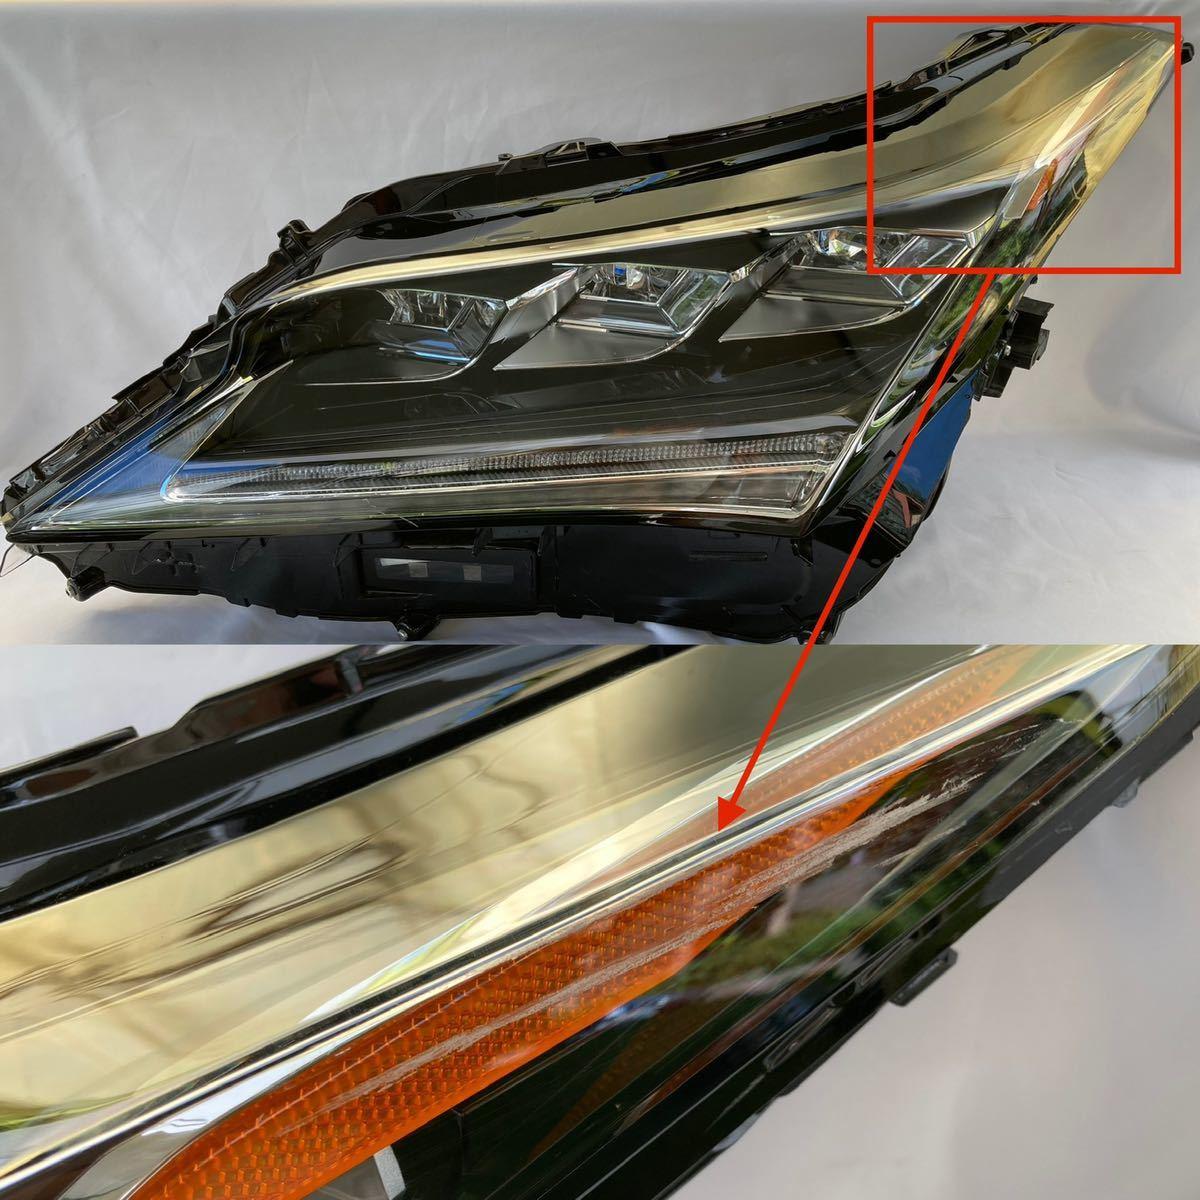 CHL-8【送料無料】レクサス RX 前期 3眼フルLED 左ヘッドライト KOITO 48-167 刻印 X5 ジャンク_画像6